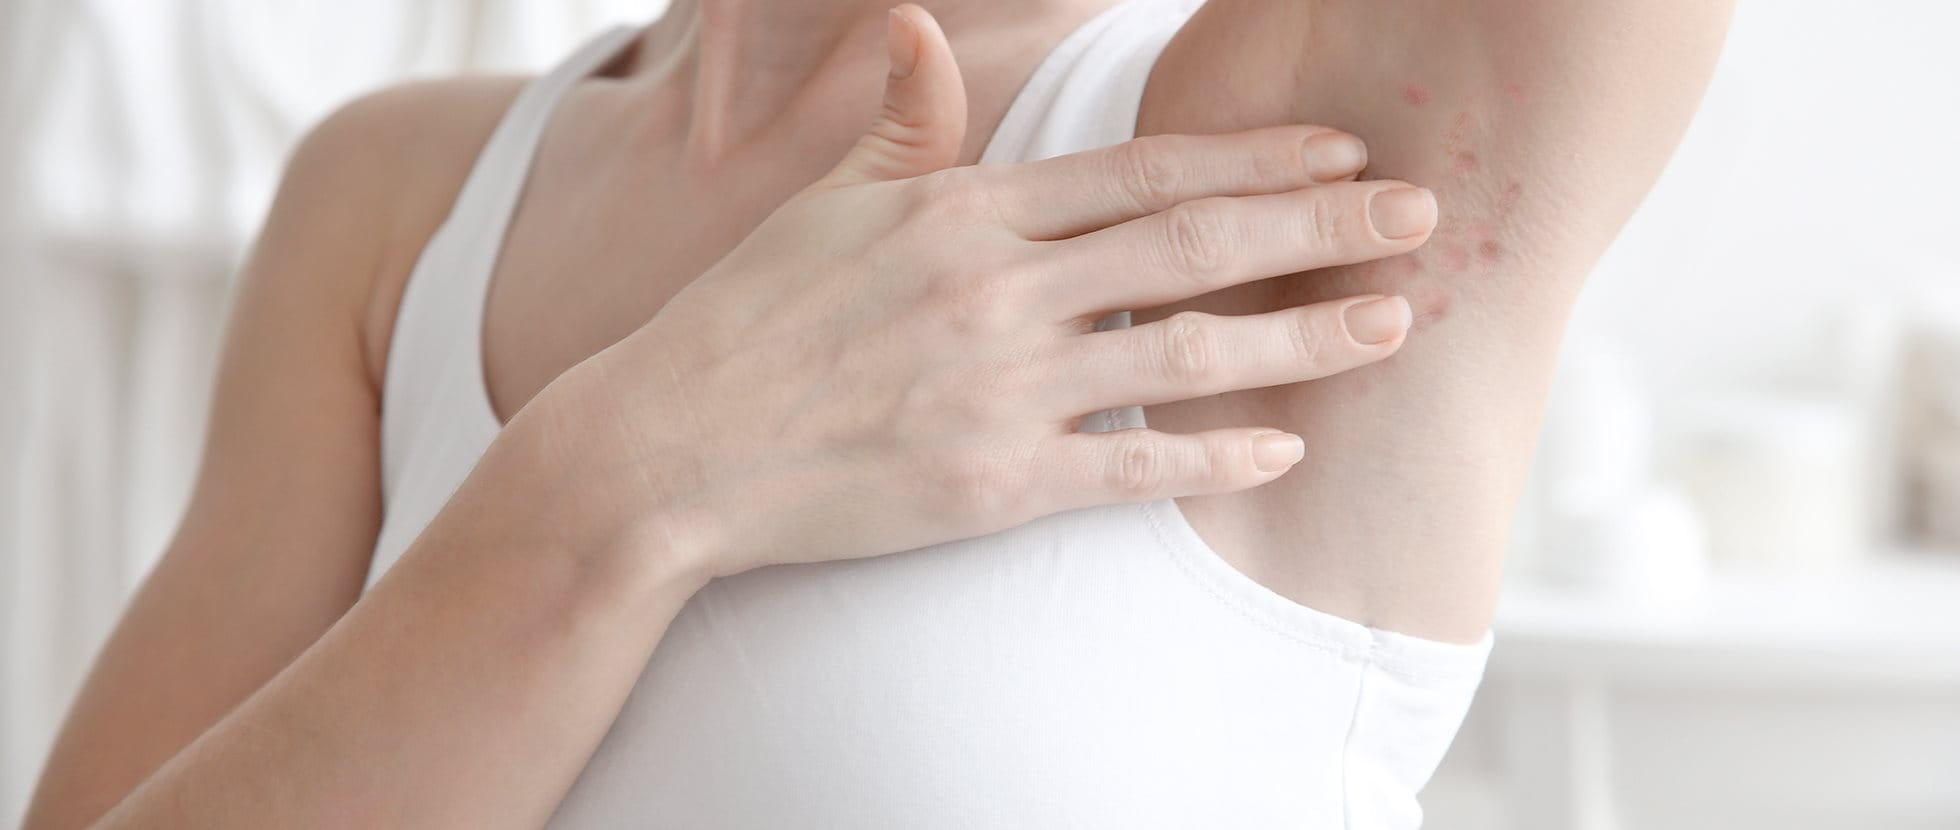 Acne inversa oder Hidradenitis suppurativa, eine spezielle Form von Akne